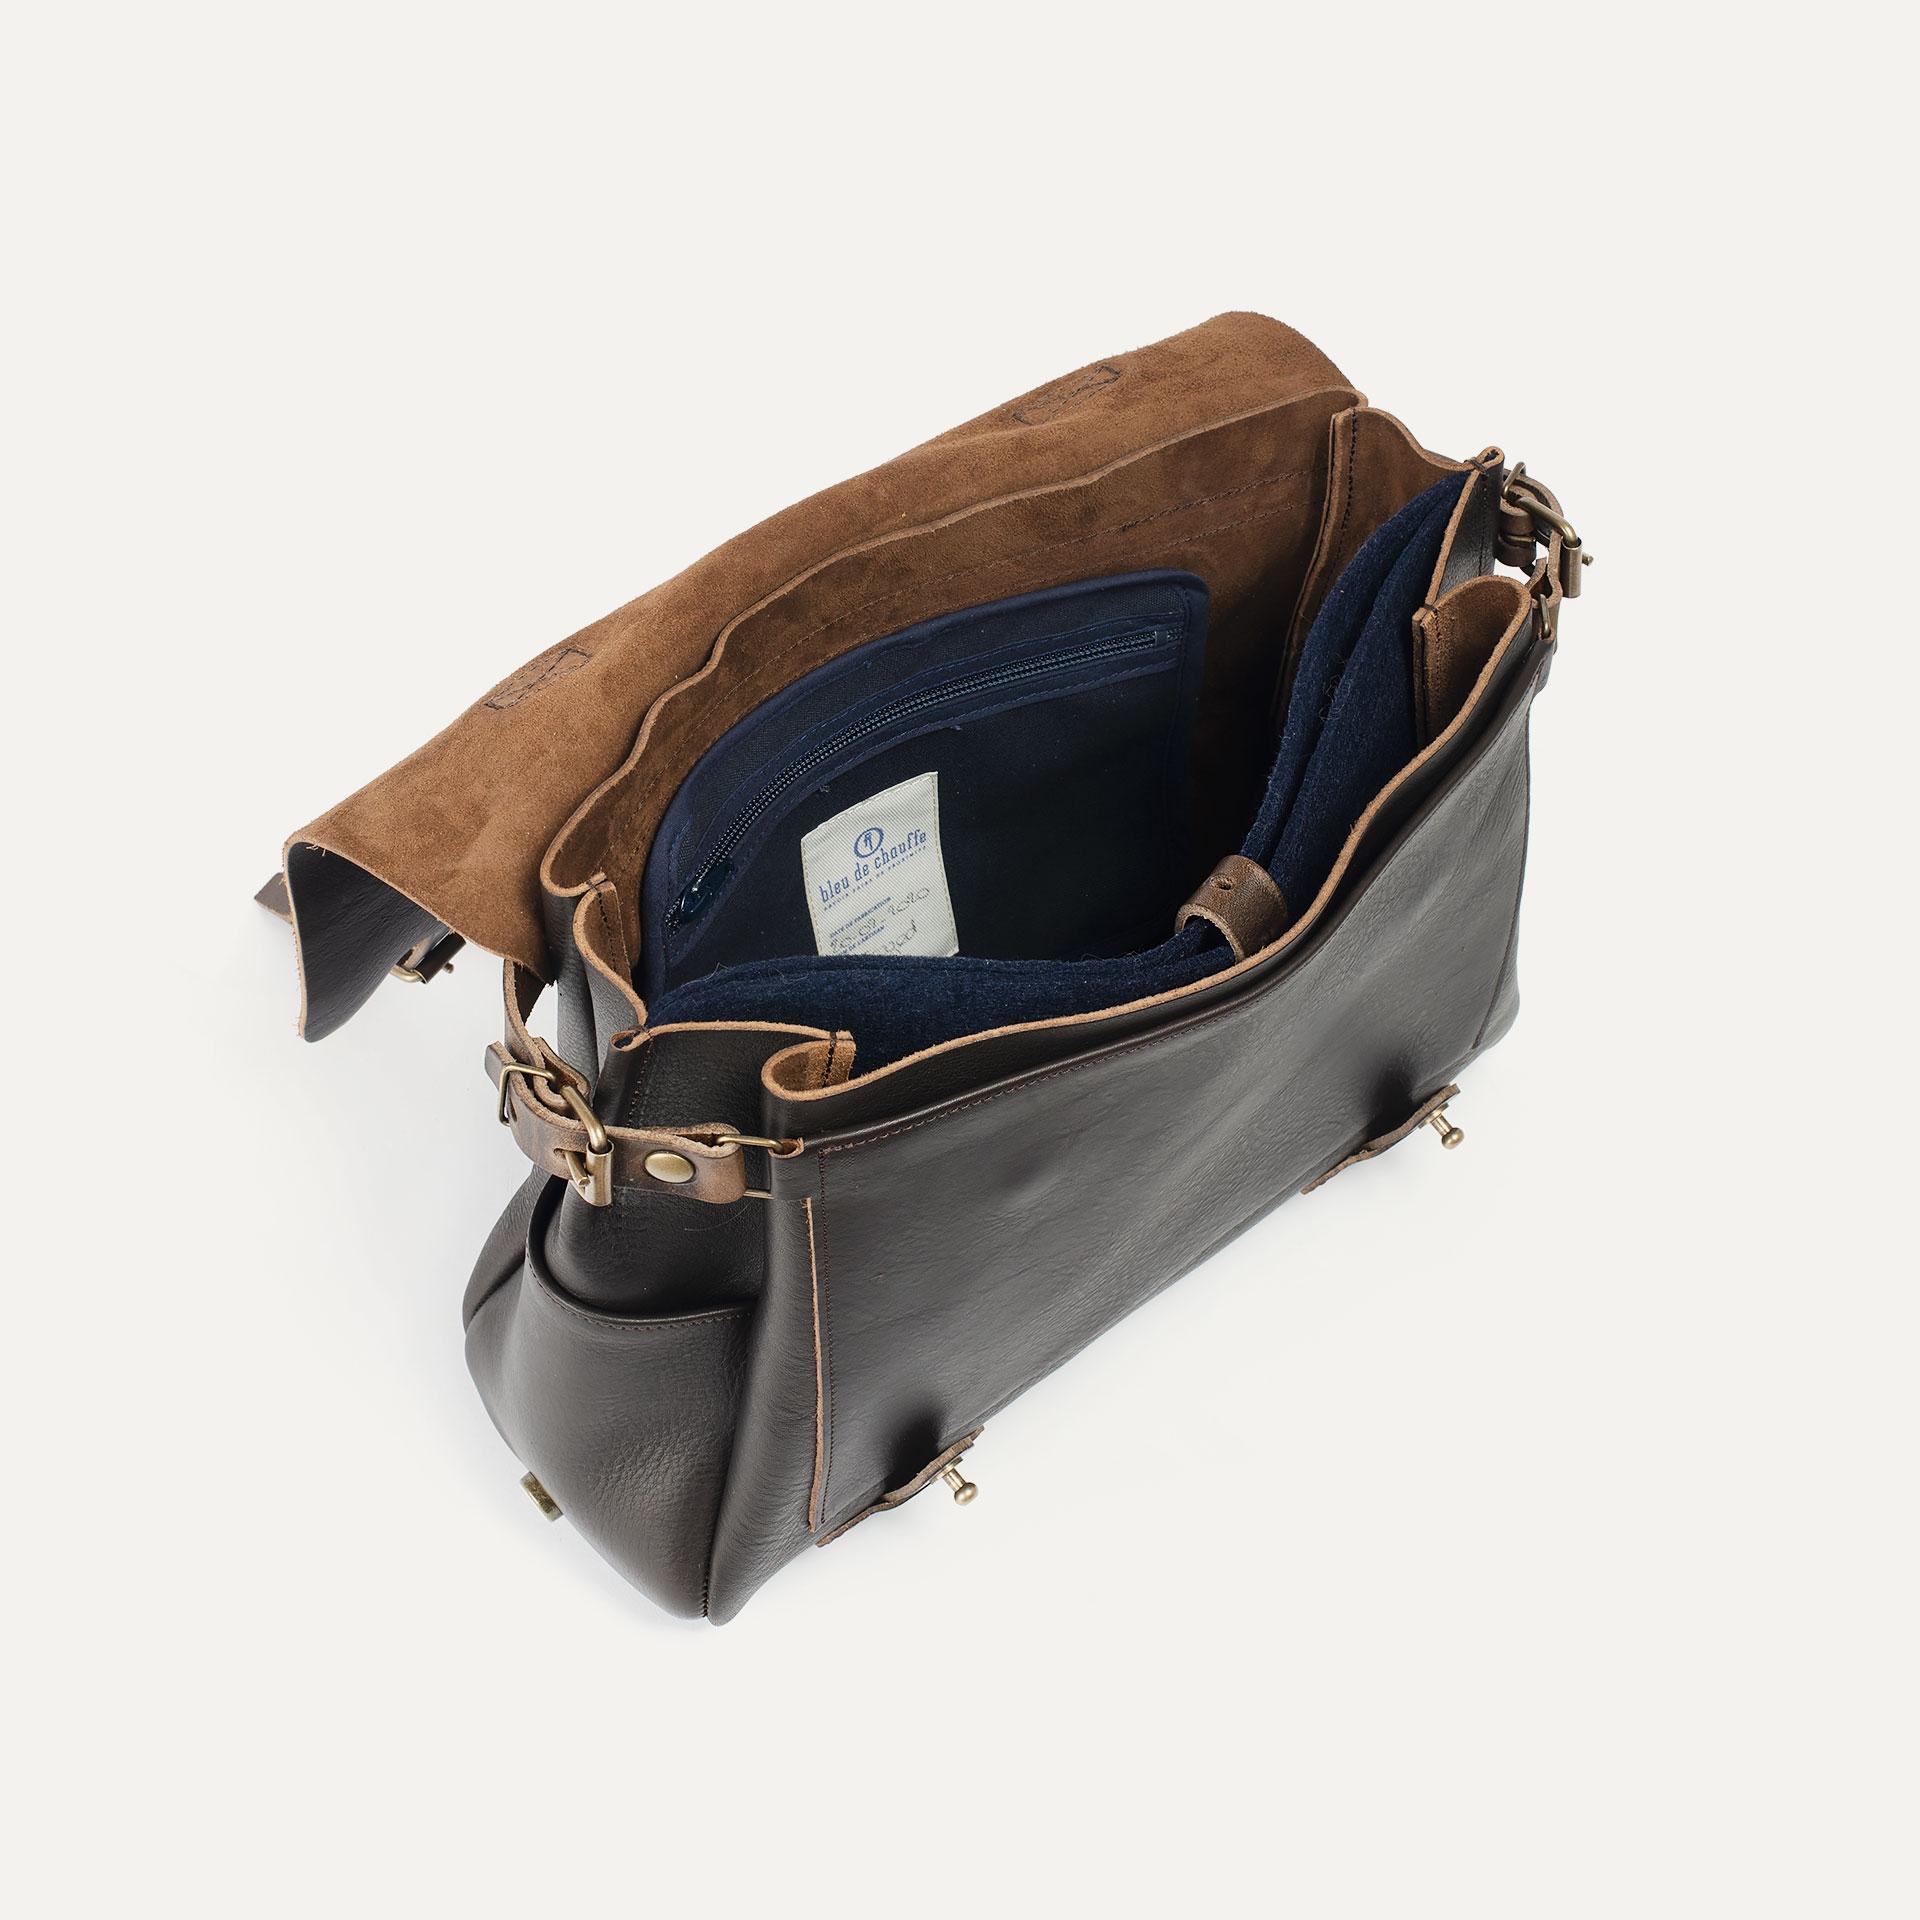 Postman bag Eclair M - T Moro (image n°4)